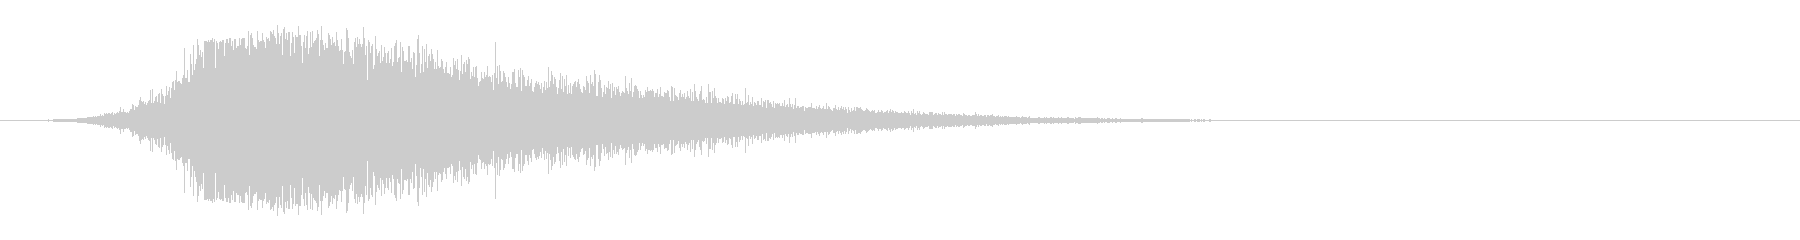 レーザー音-118-3の未再生の波形